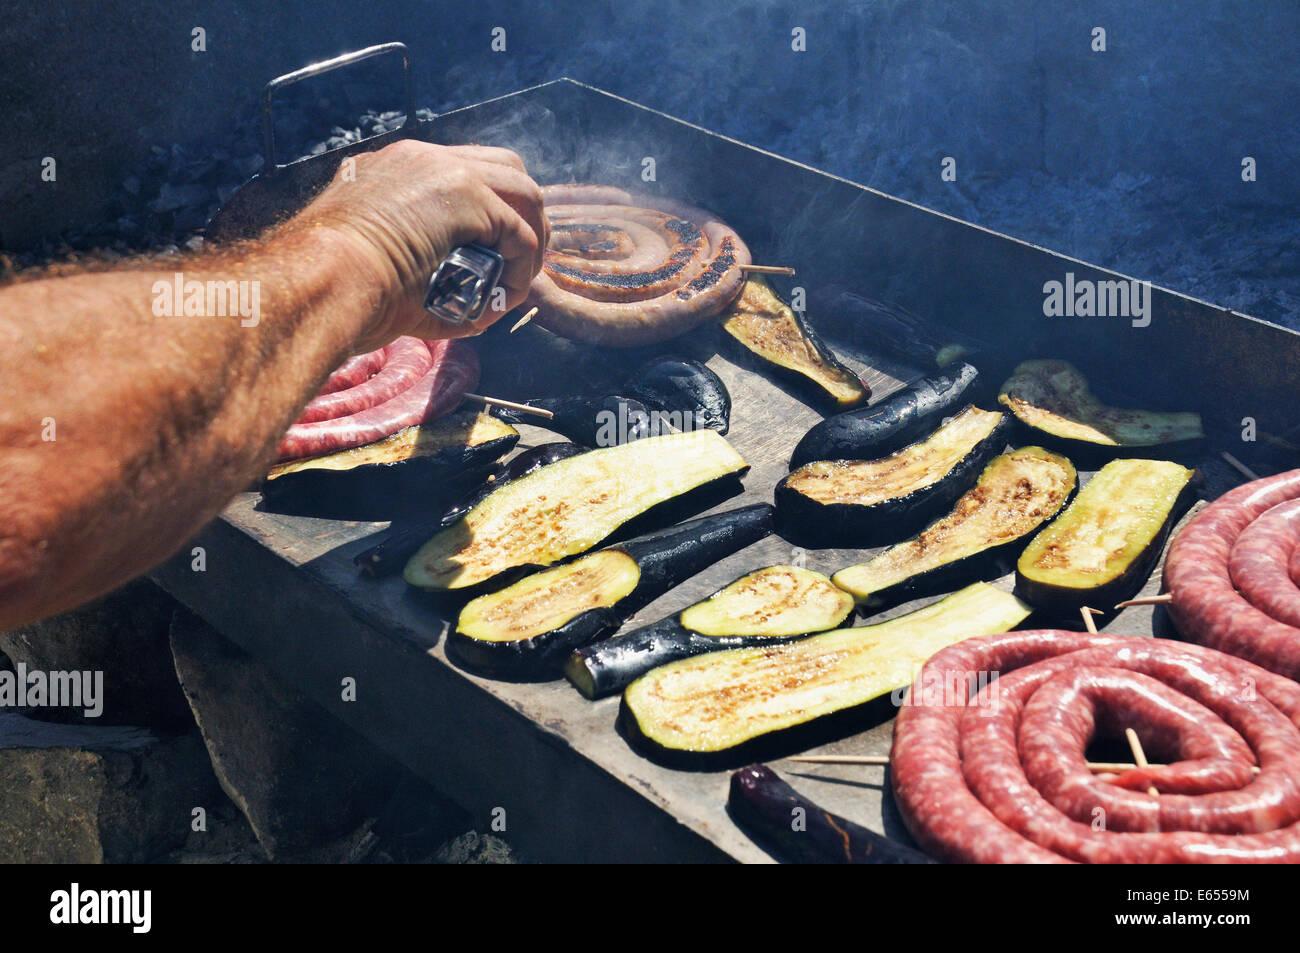 Les saucisses et les aubergines avocat / cuisson sur un barbecue barbecue Photo Stock